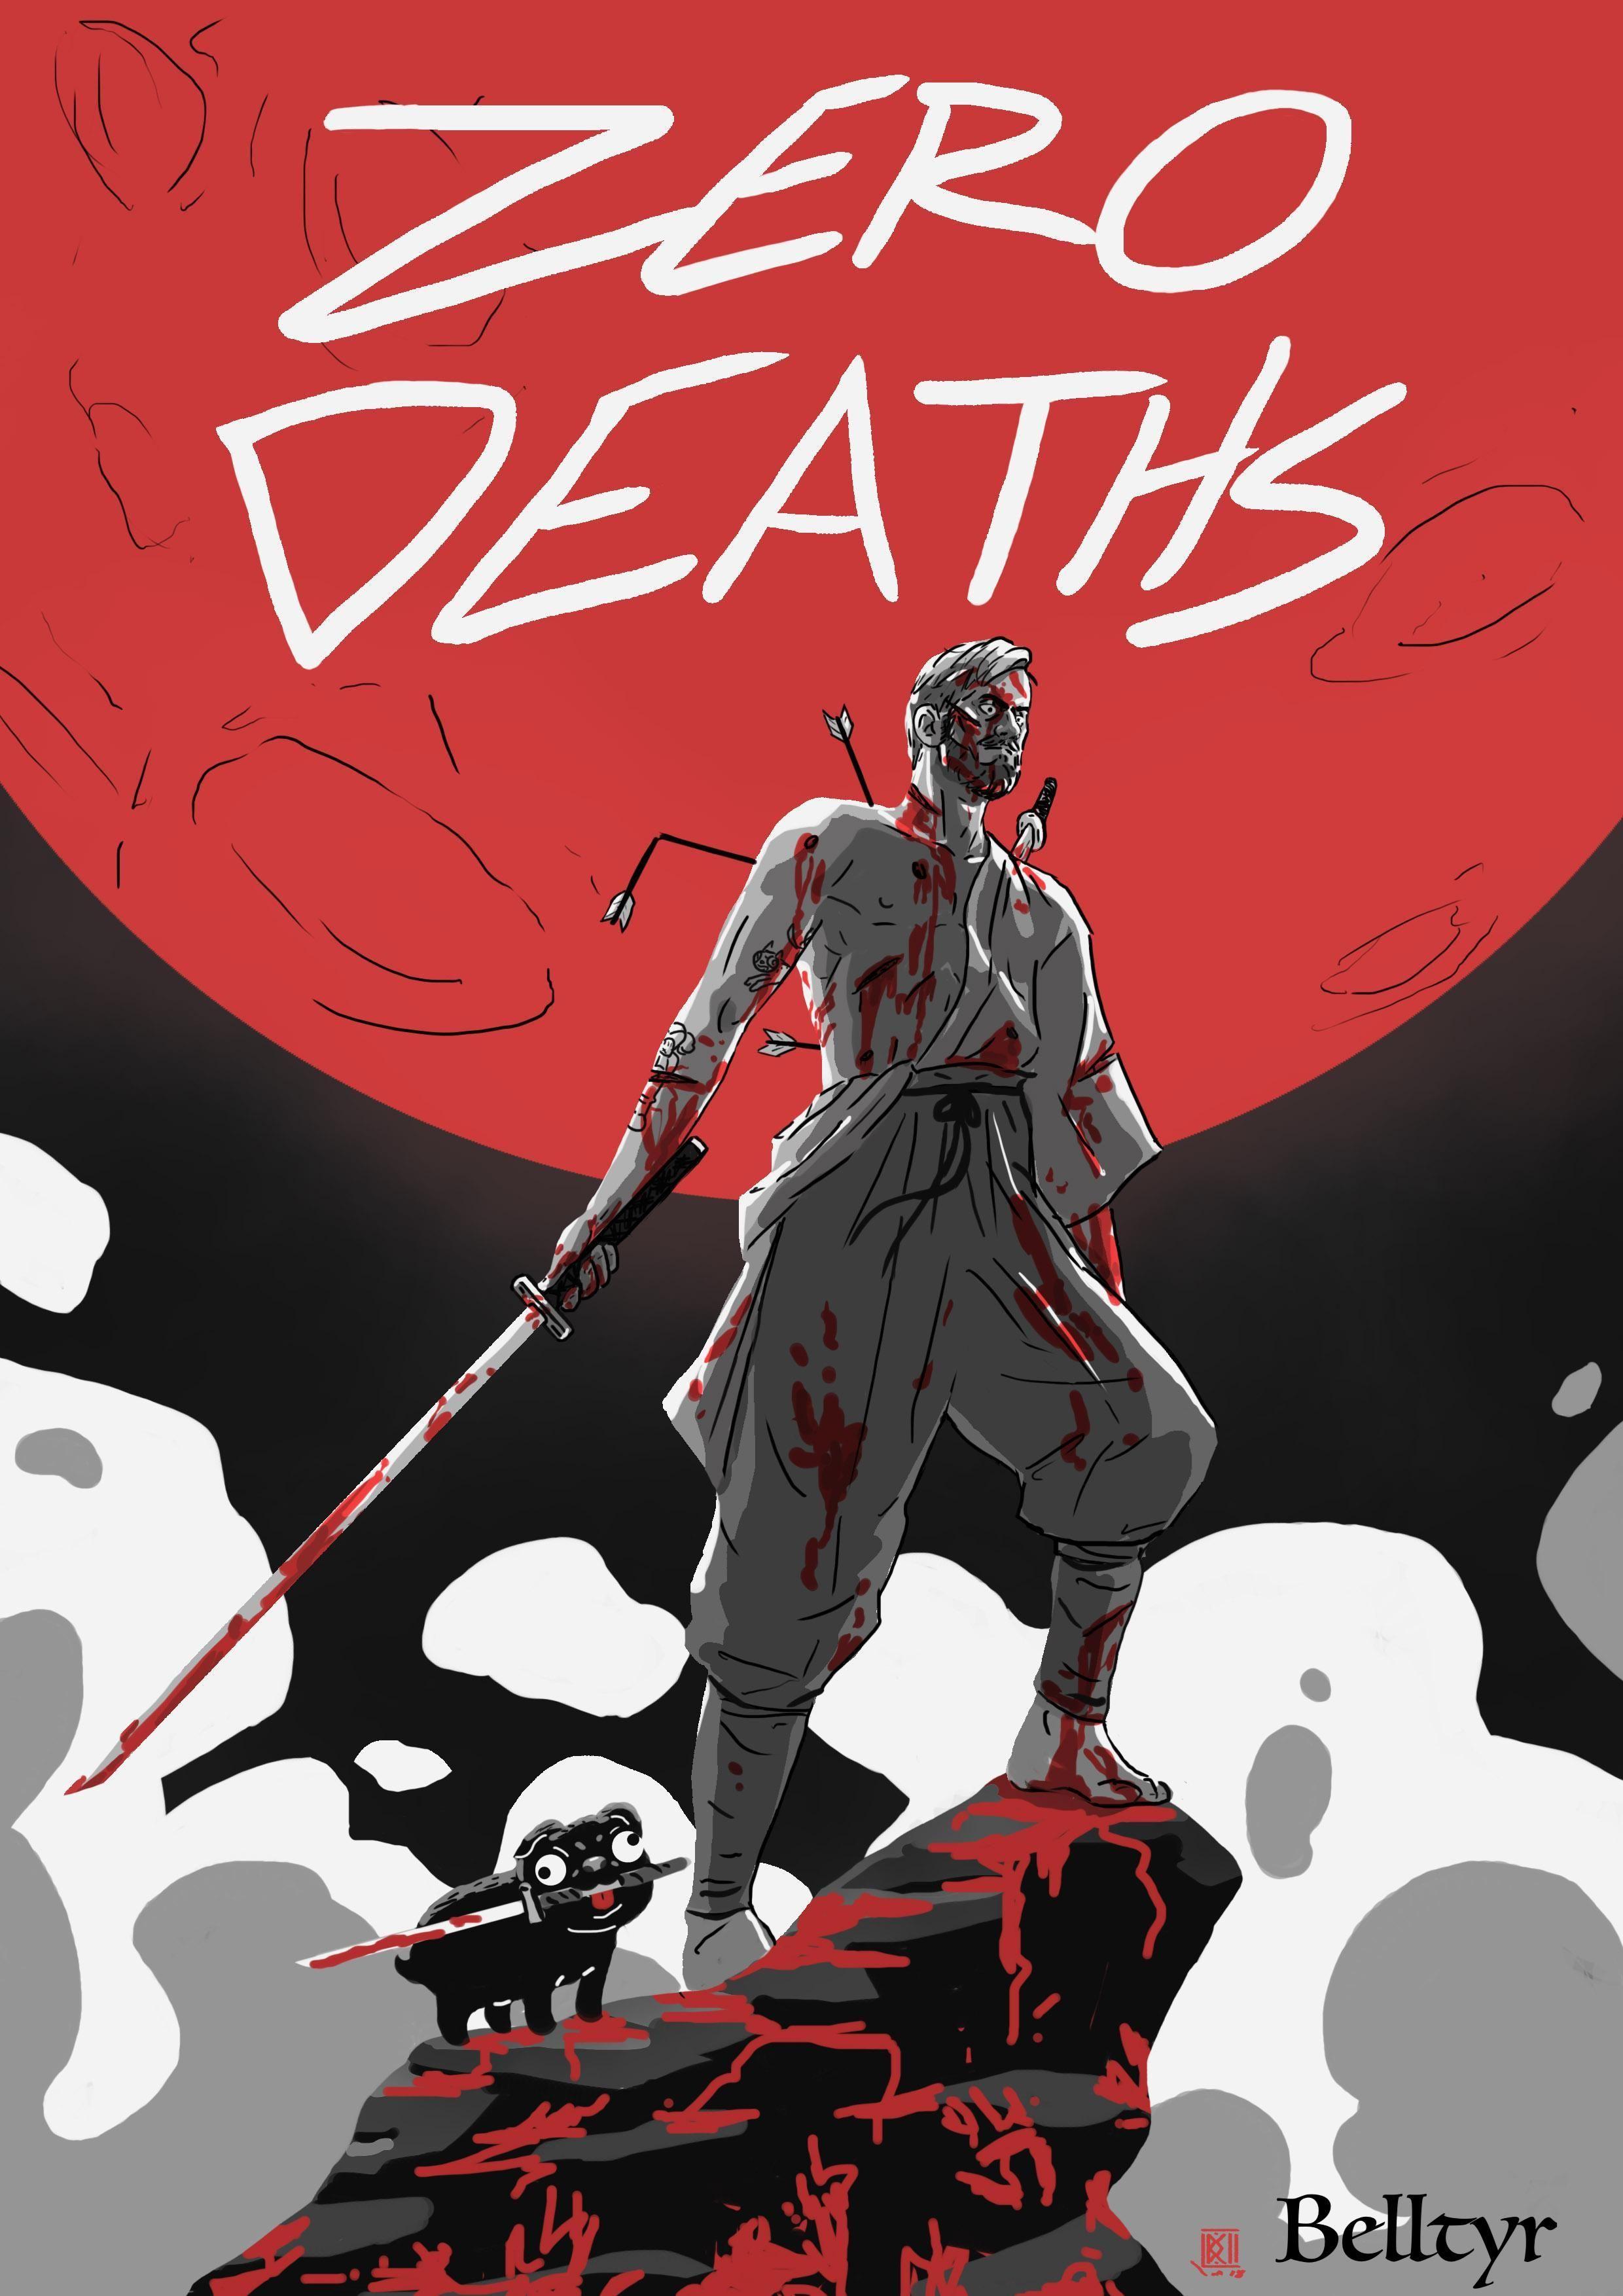 PewDiePie by Belltyr ft. Edgar ZERO DEATHS Pewdiepie